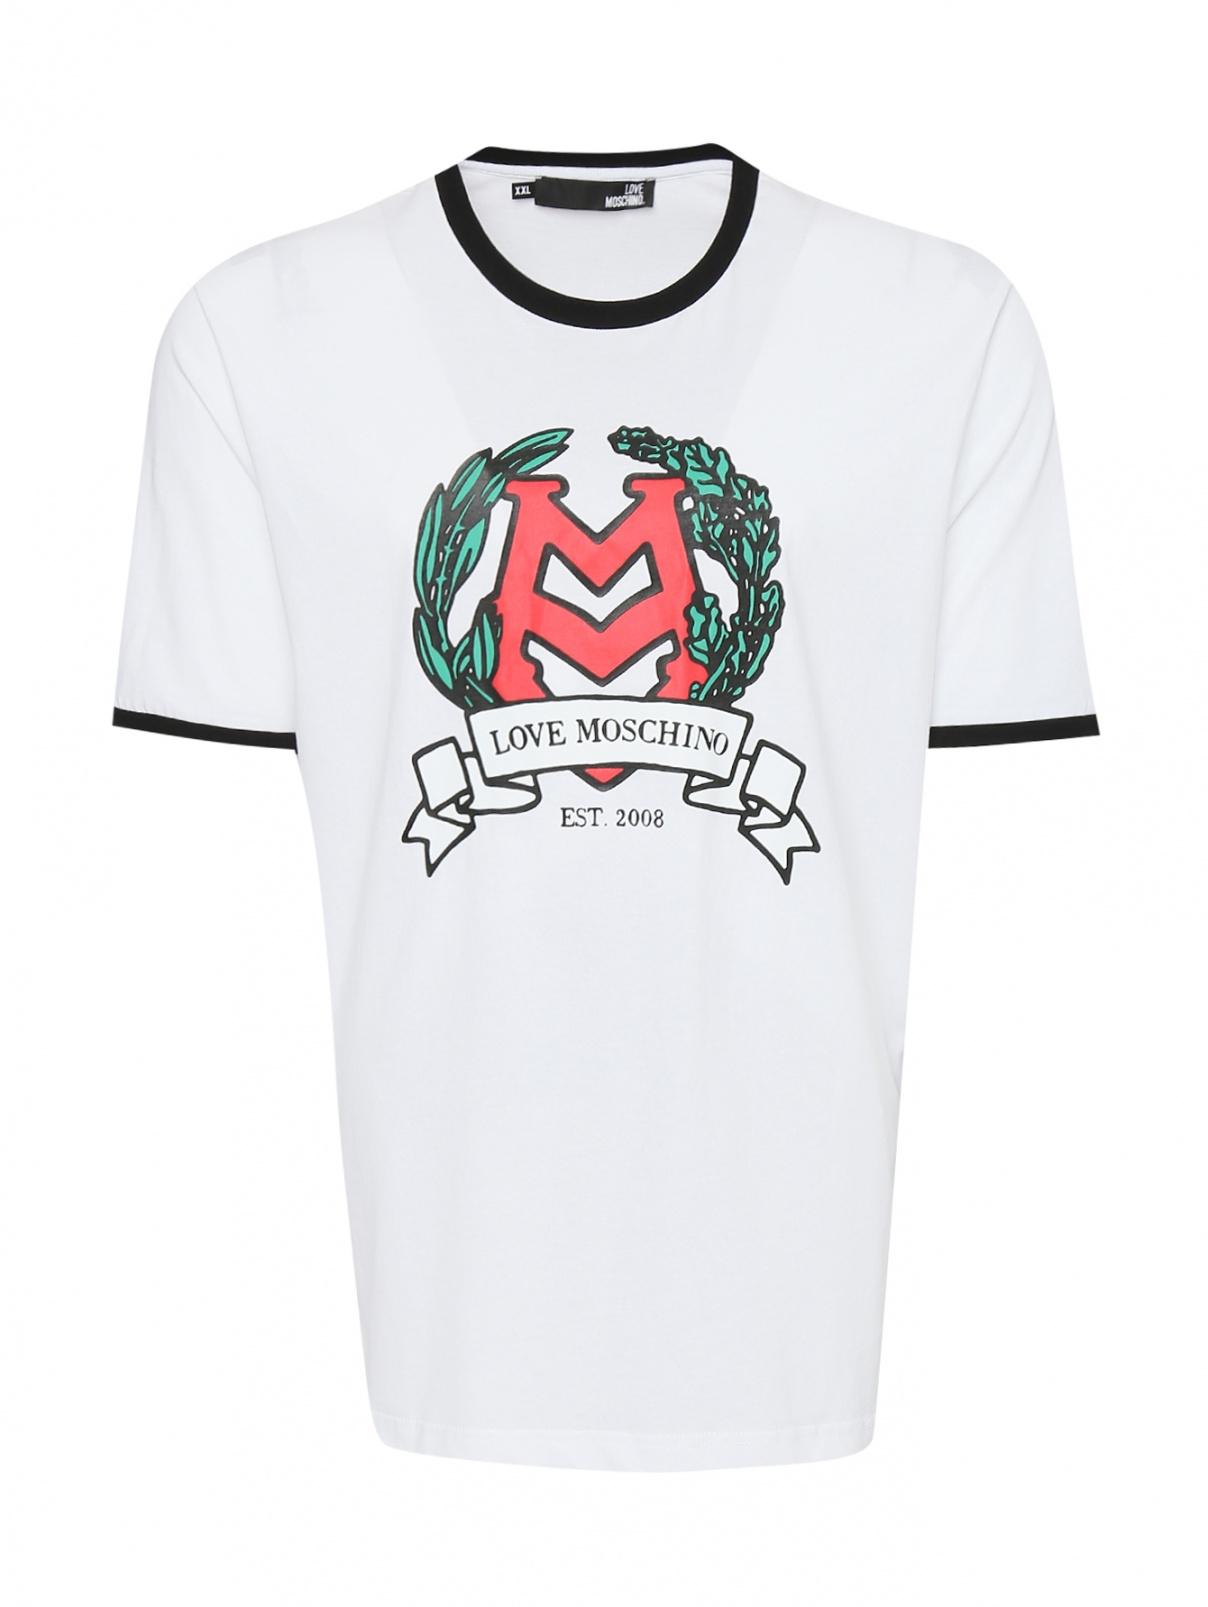 Футболка из хлопка с принтом Love Moschino  –  Общий вид  – Цвет:  Белый